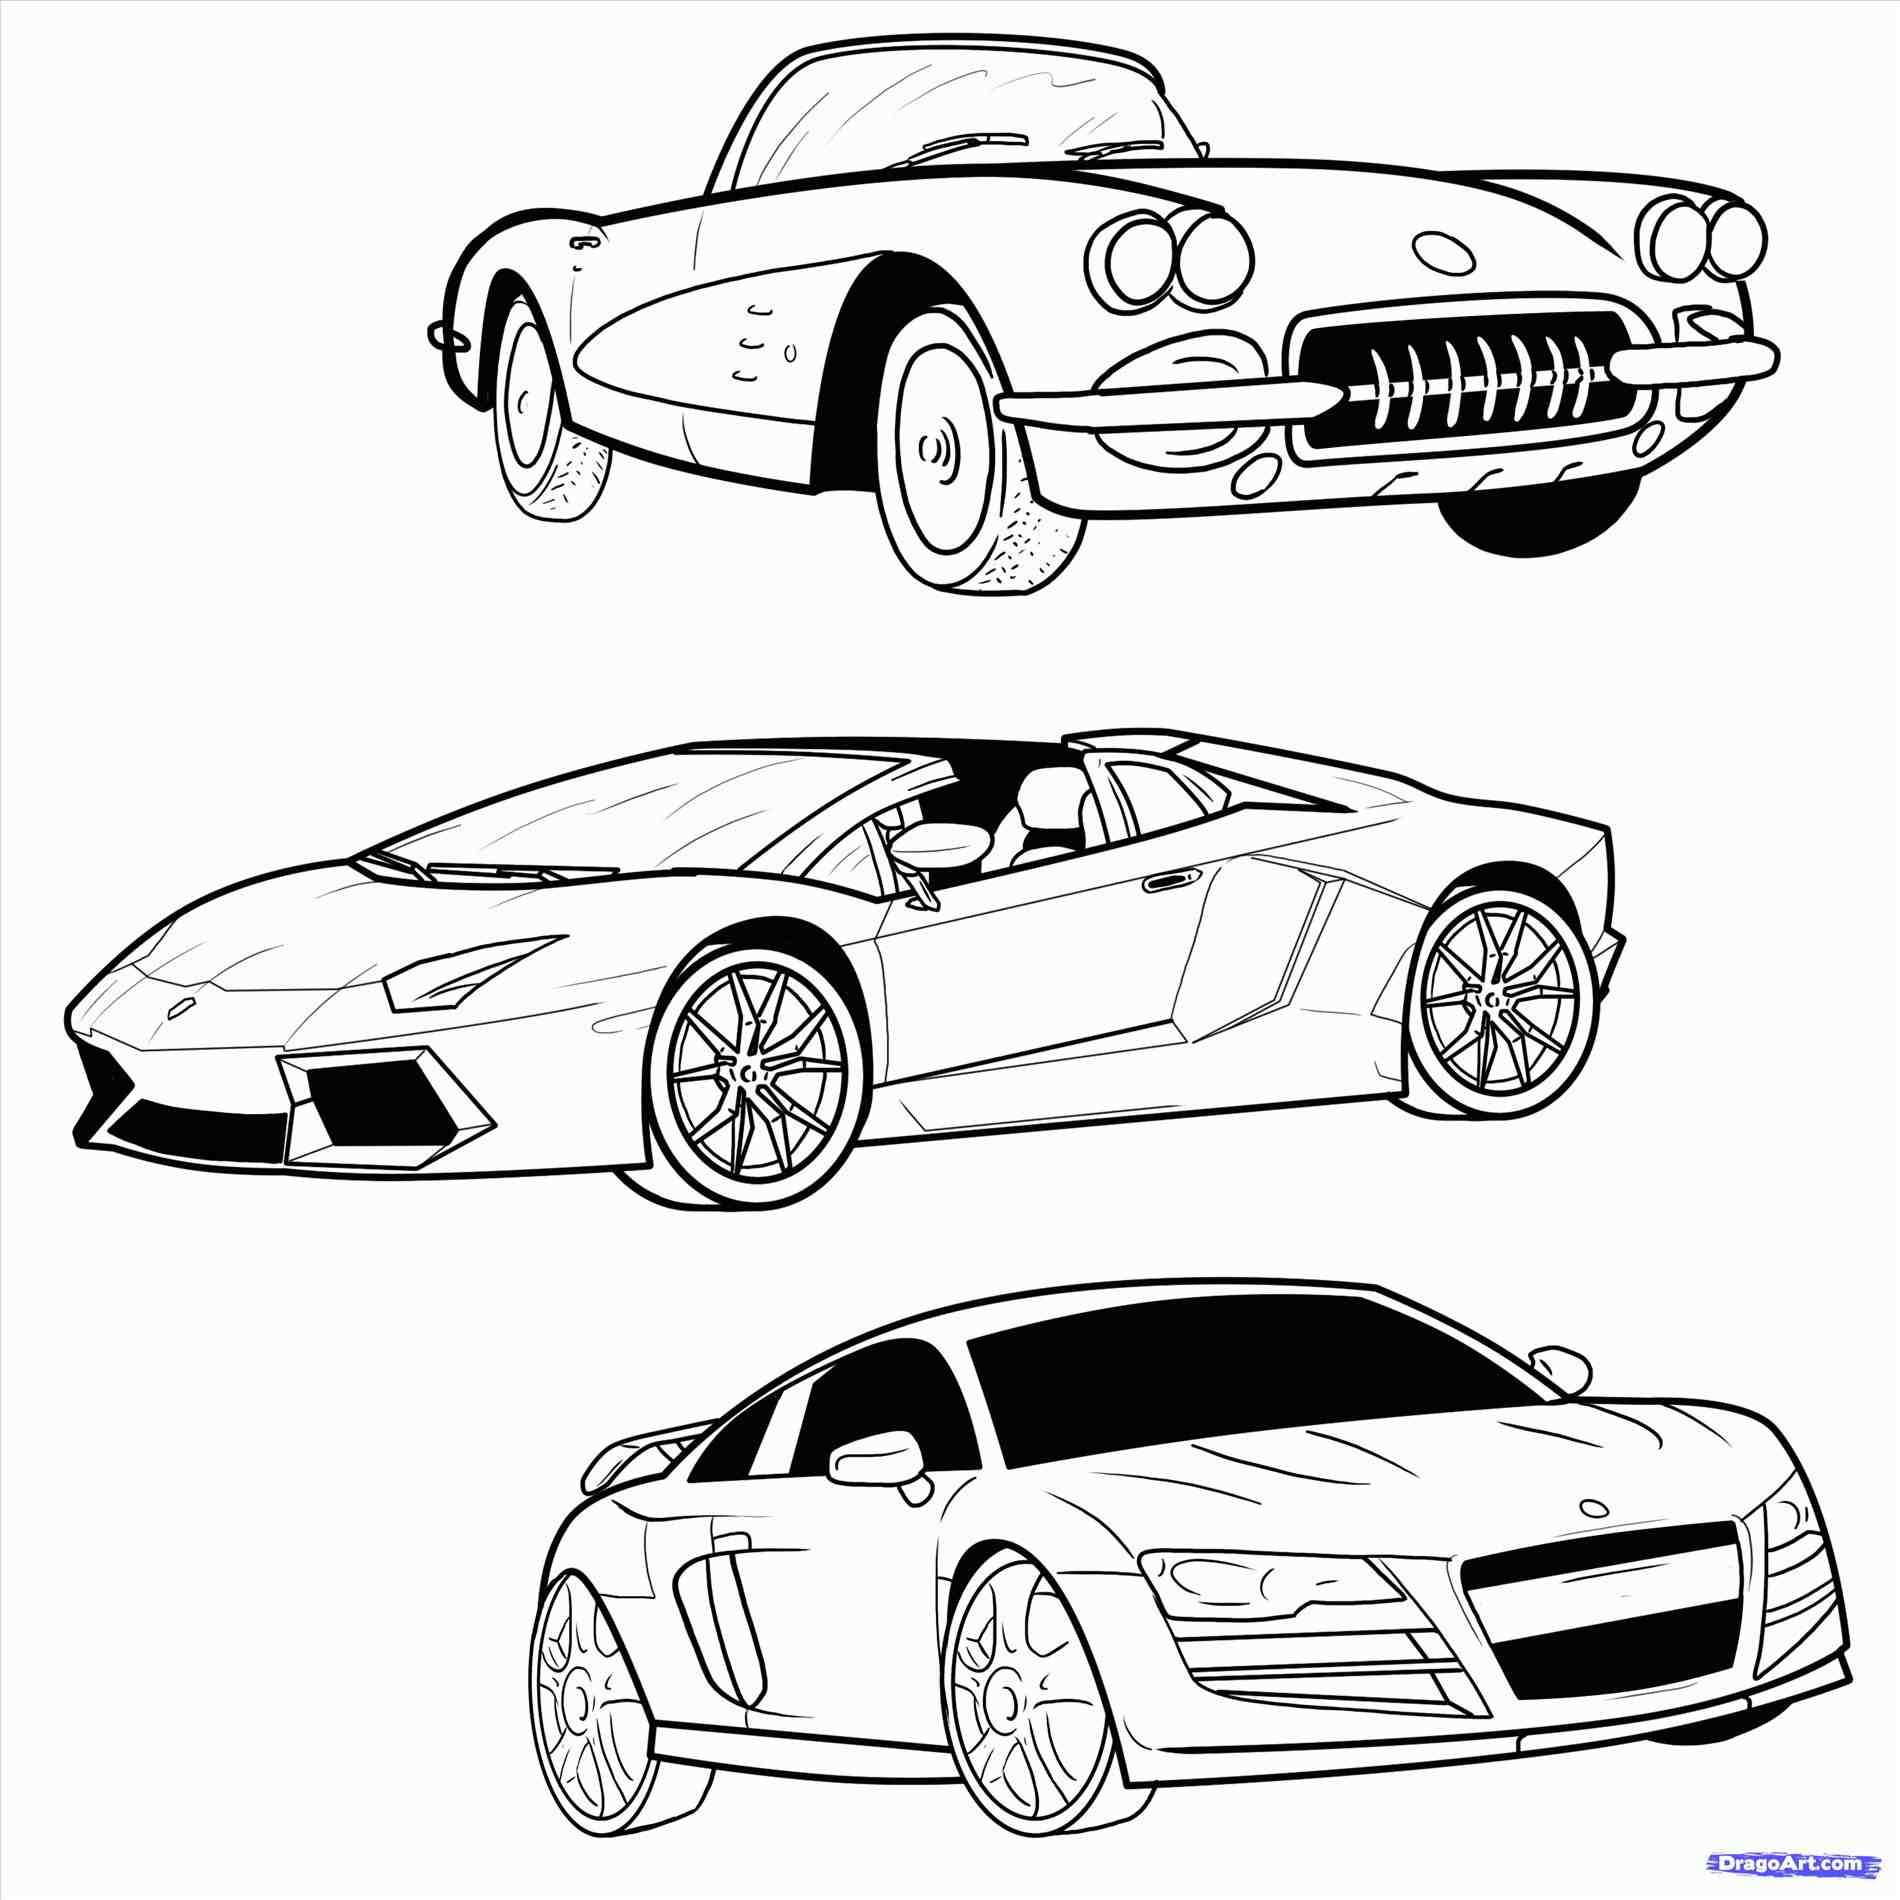 Racecar Drawing At Getdrawings